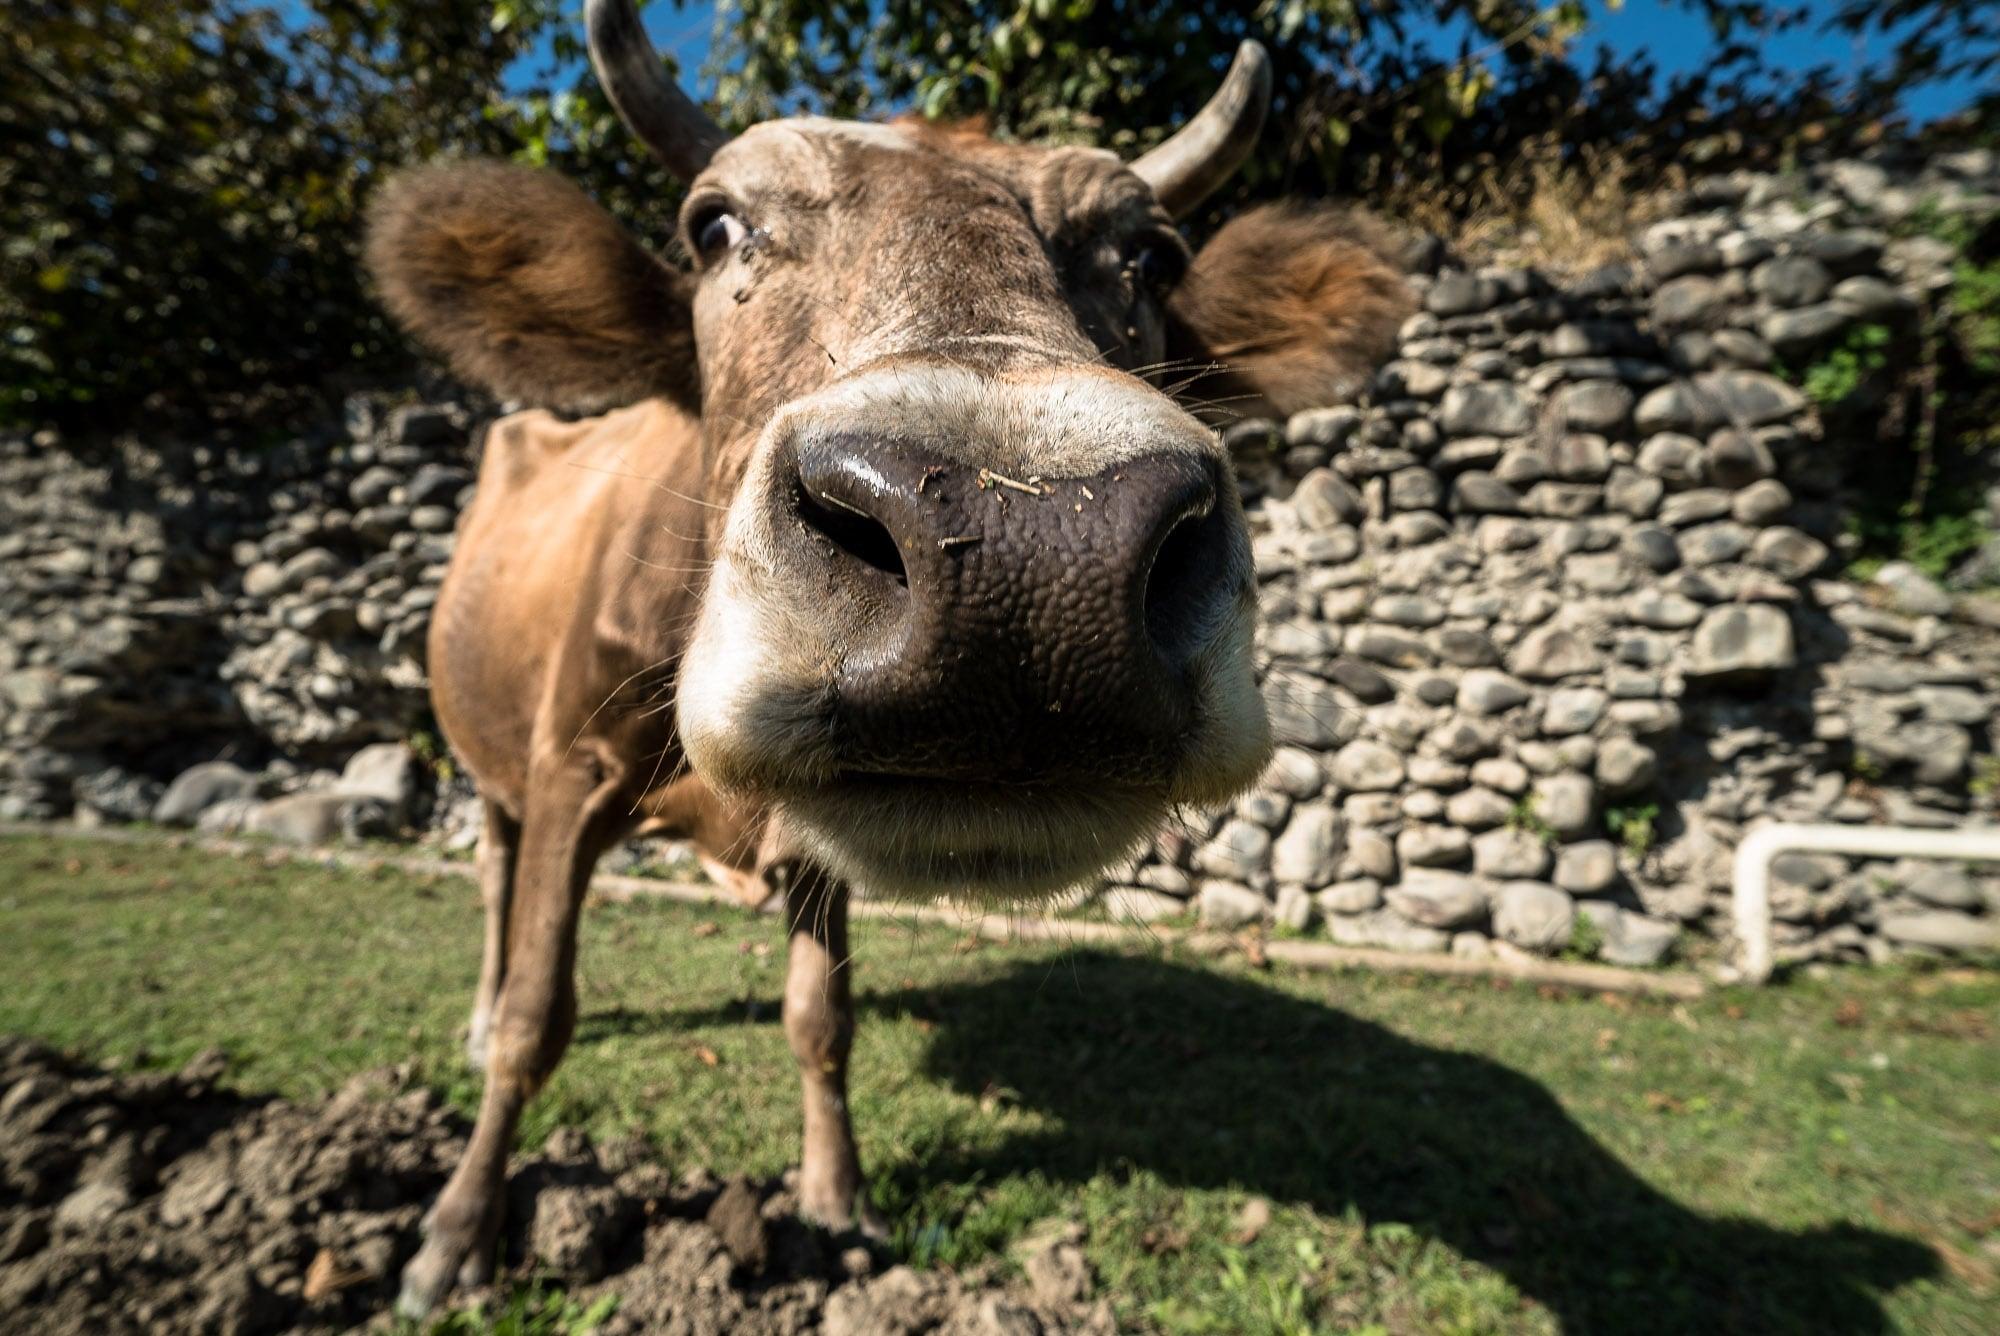 greedy cow